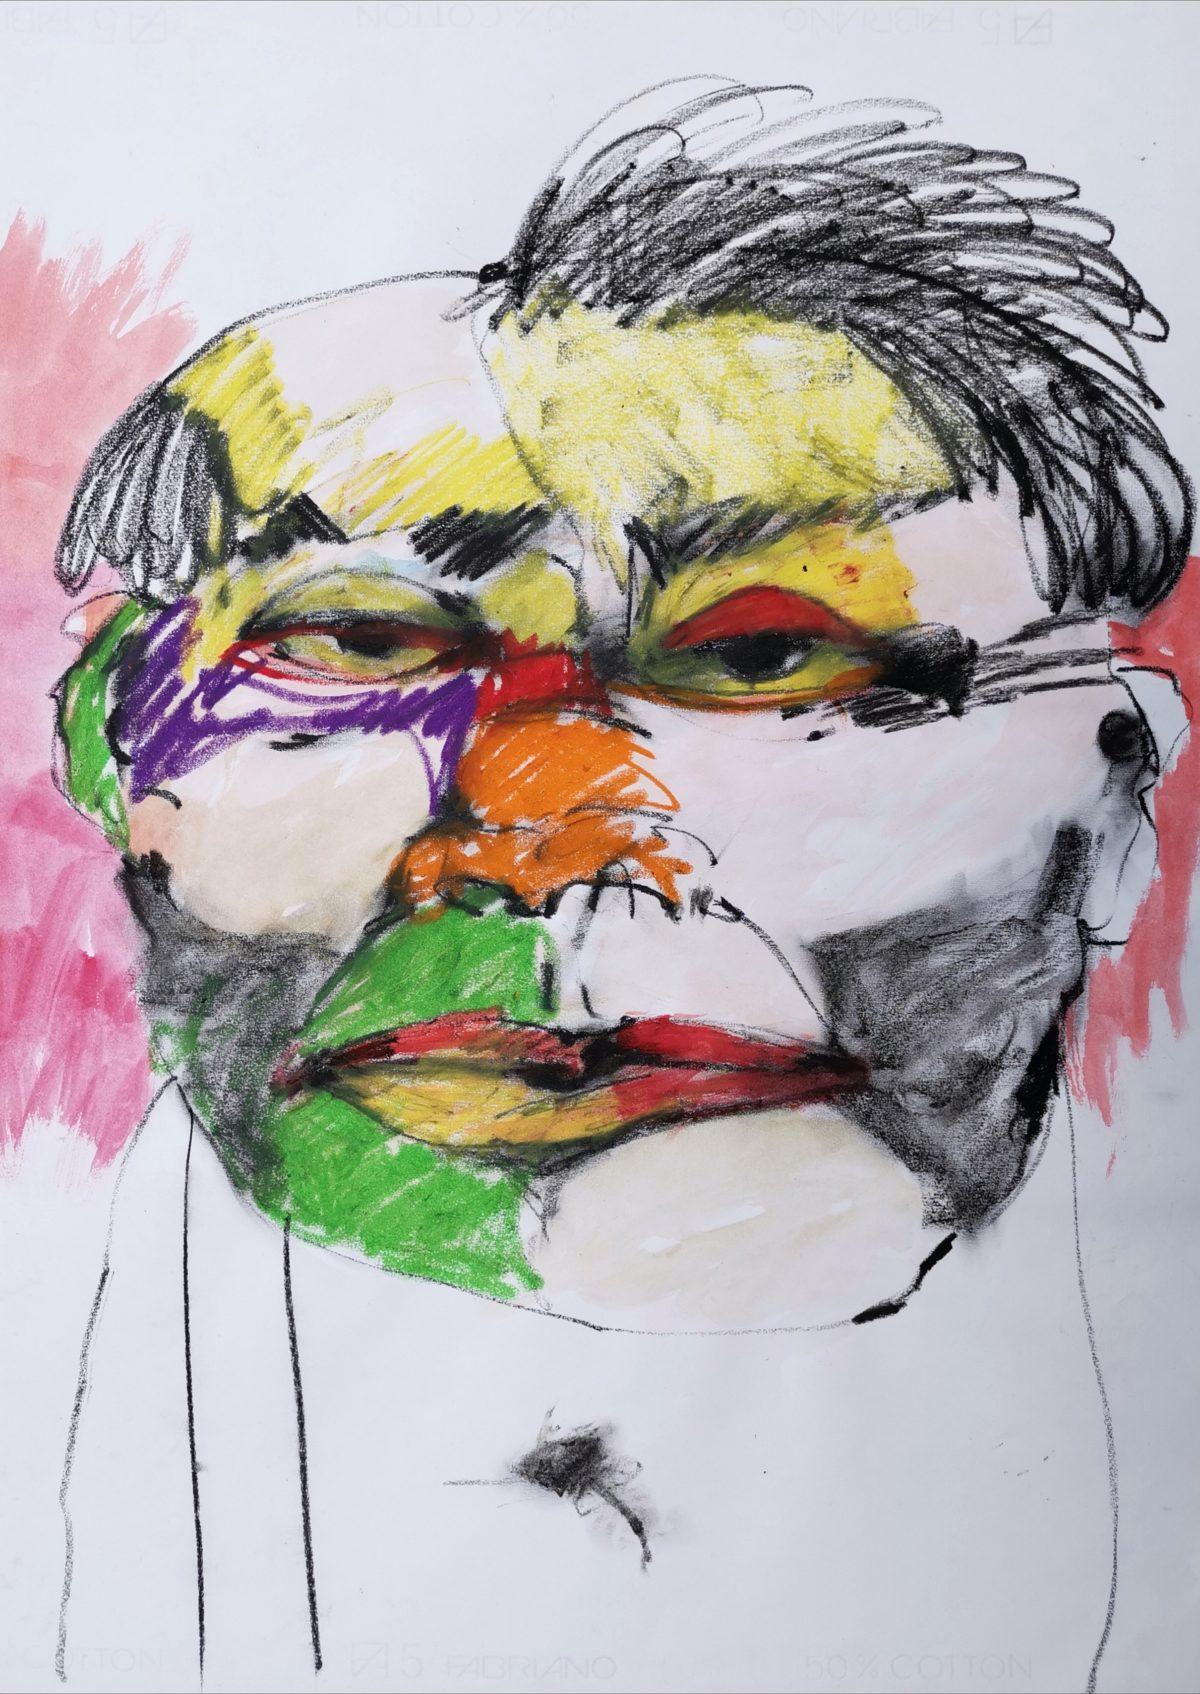 Terri Broll - Studio Sketch - Layers of Lament